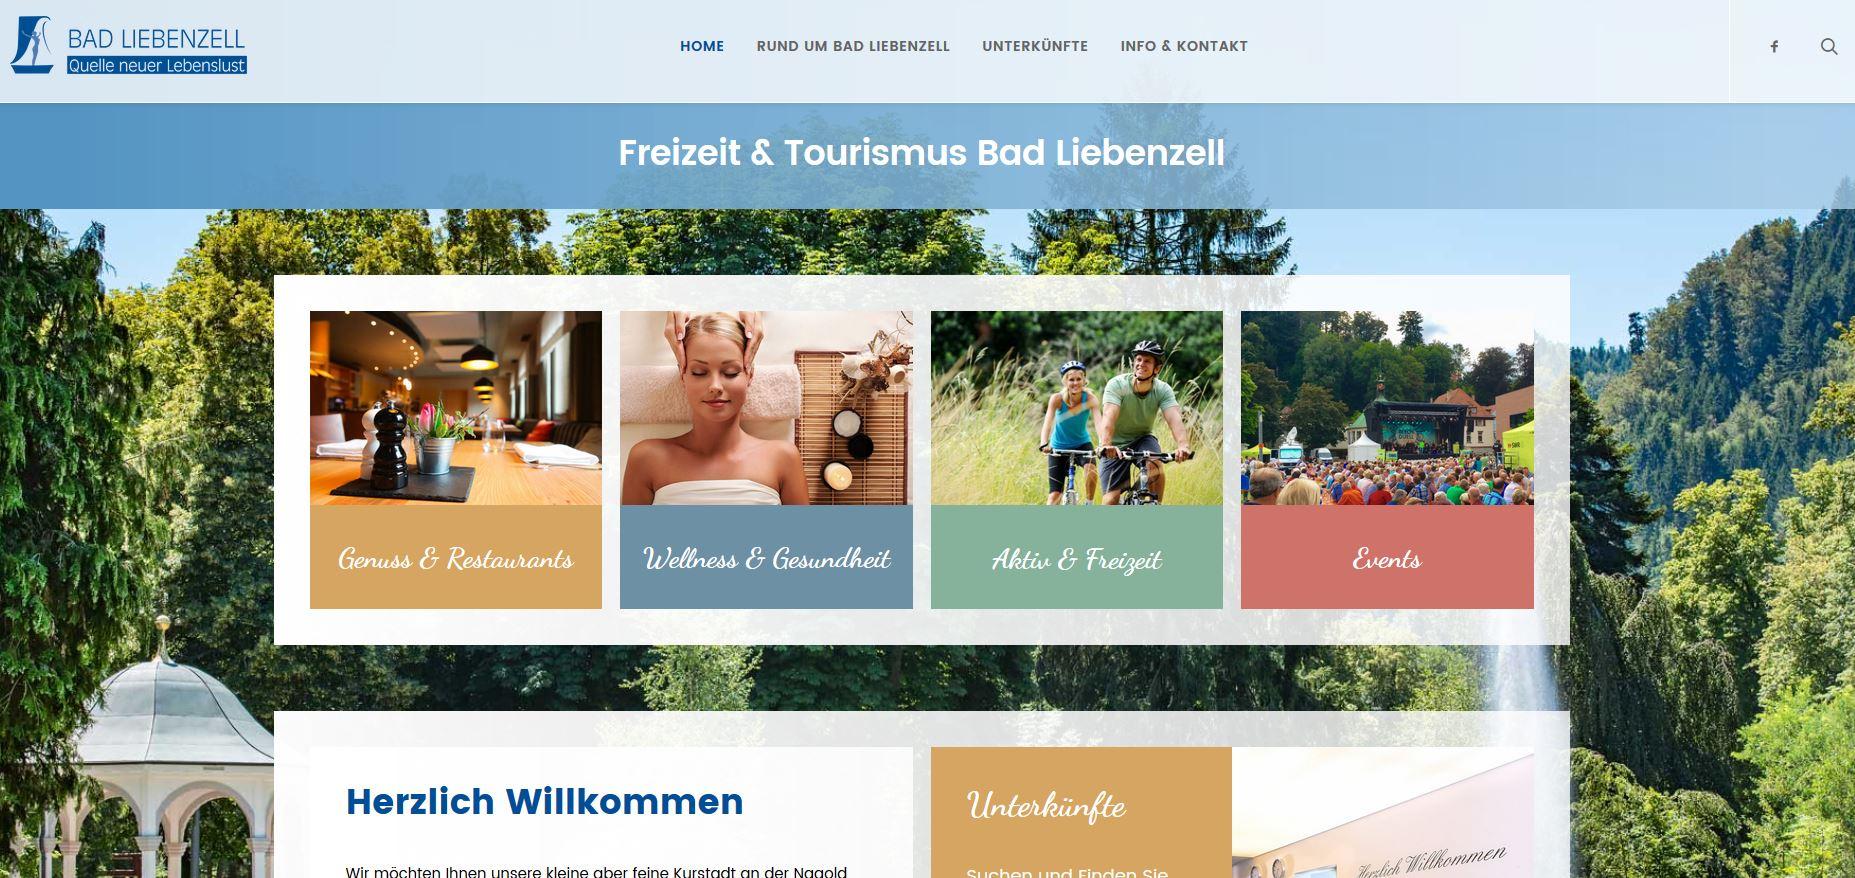 freizeit und tourismus in bad liebenzell bad liebenzell. Black Bedroom Furniture Sets. Home Design Ideas